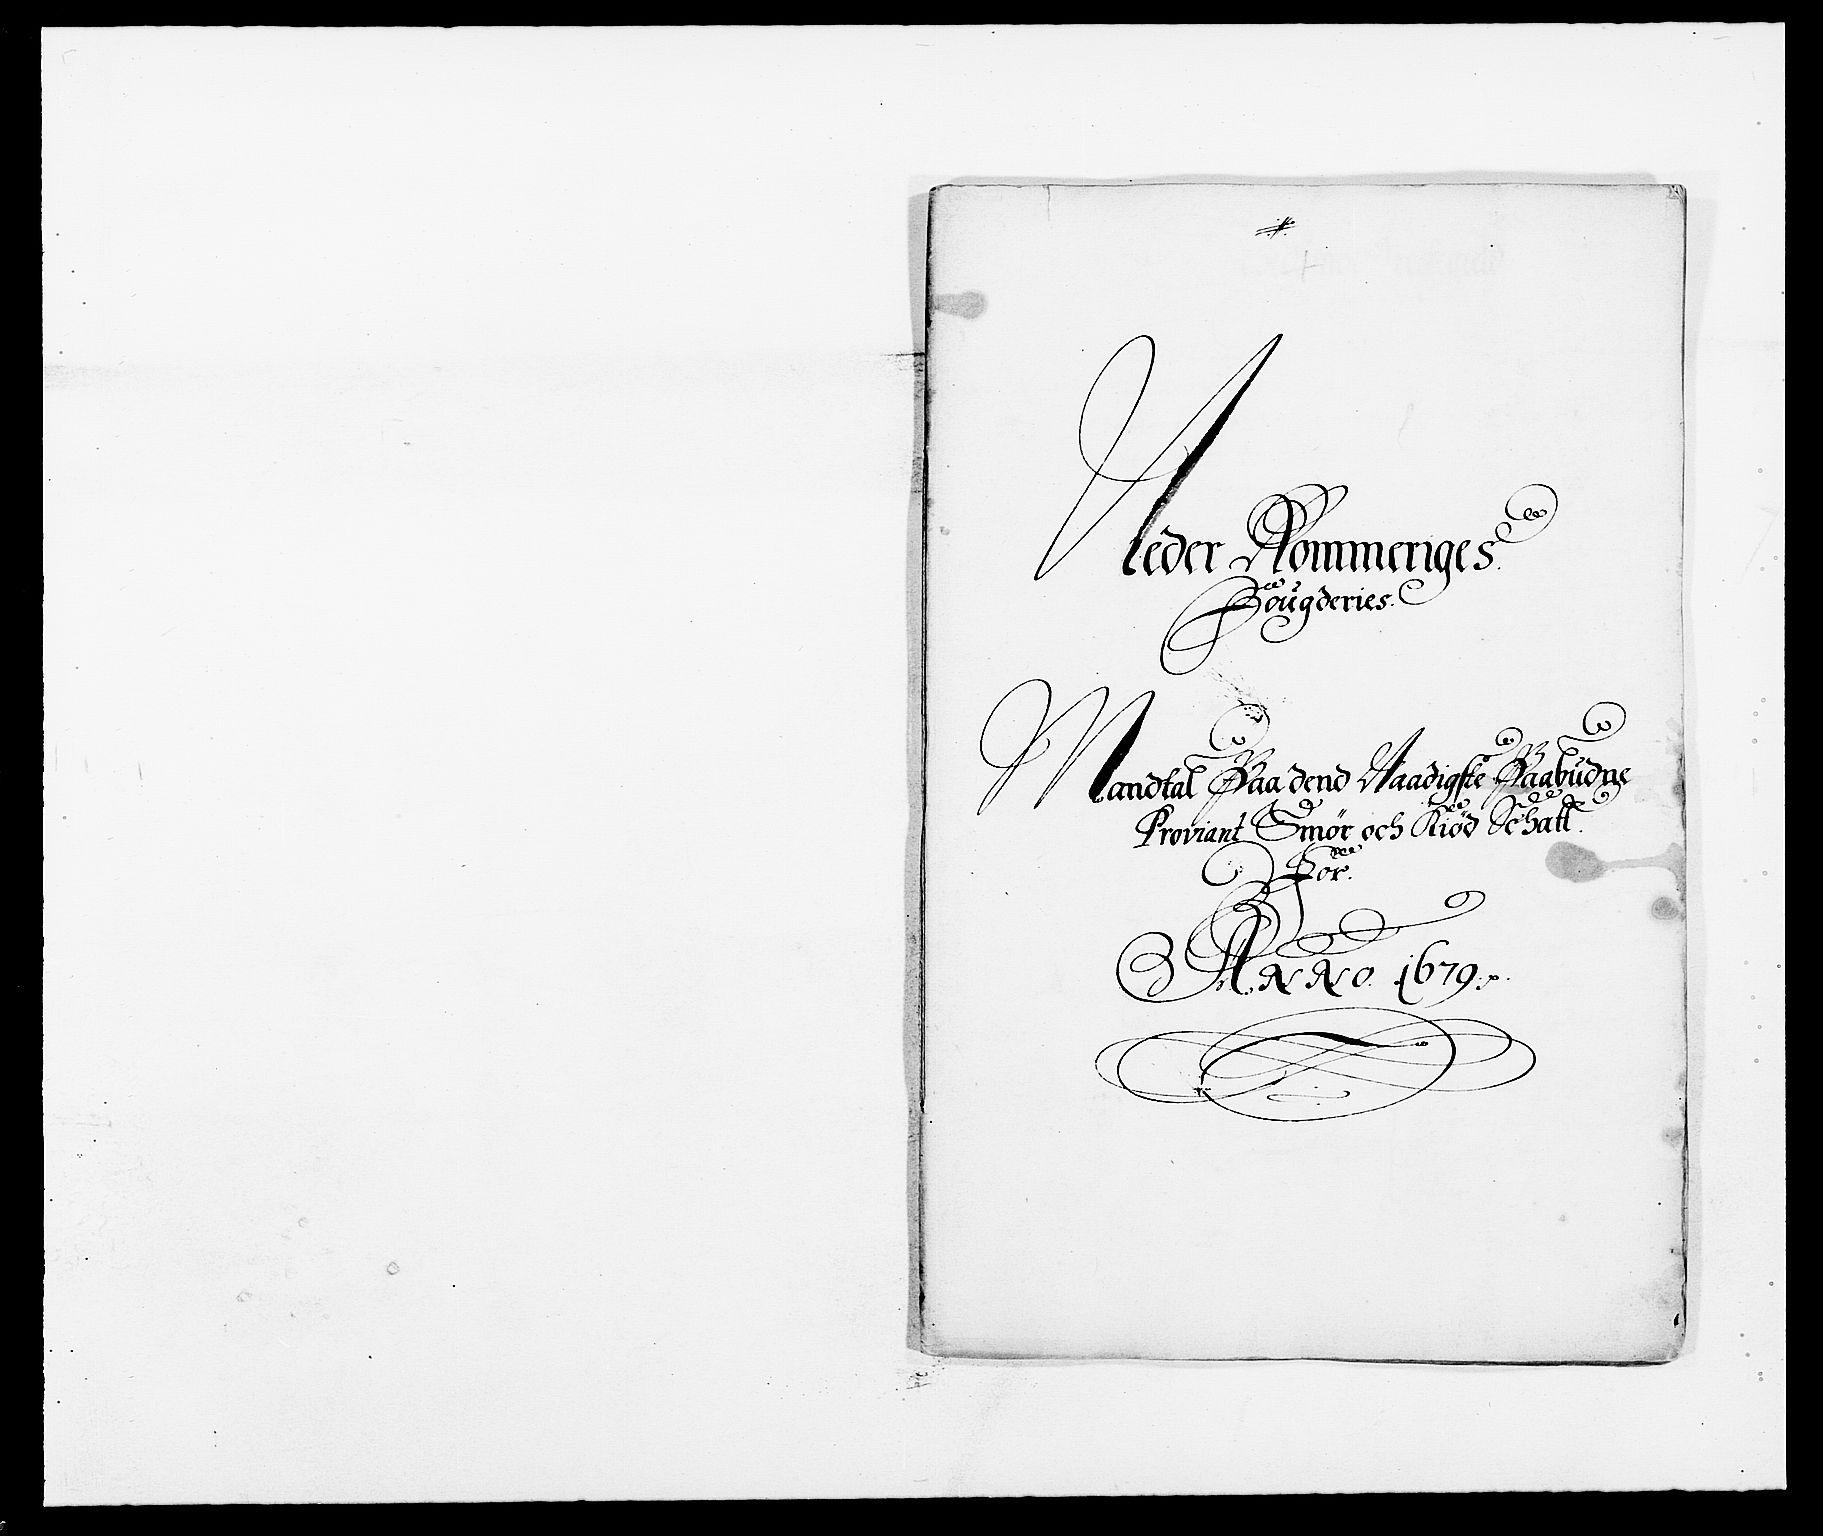 RA, Rentekammeret inntil 1814, Reviderte regnskaper, Fogderegnskap, R11/L0568: Fogderegnskap Nedre Romerike, 1679, s. 86